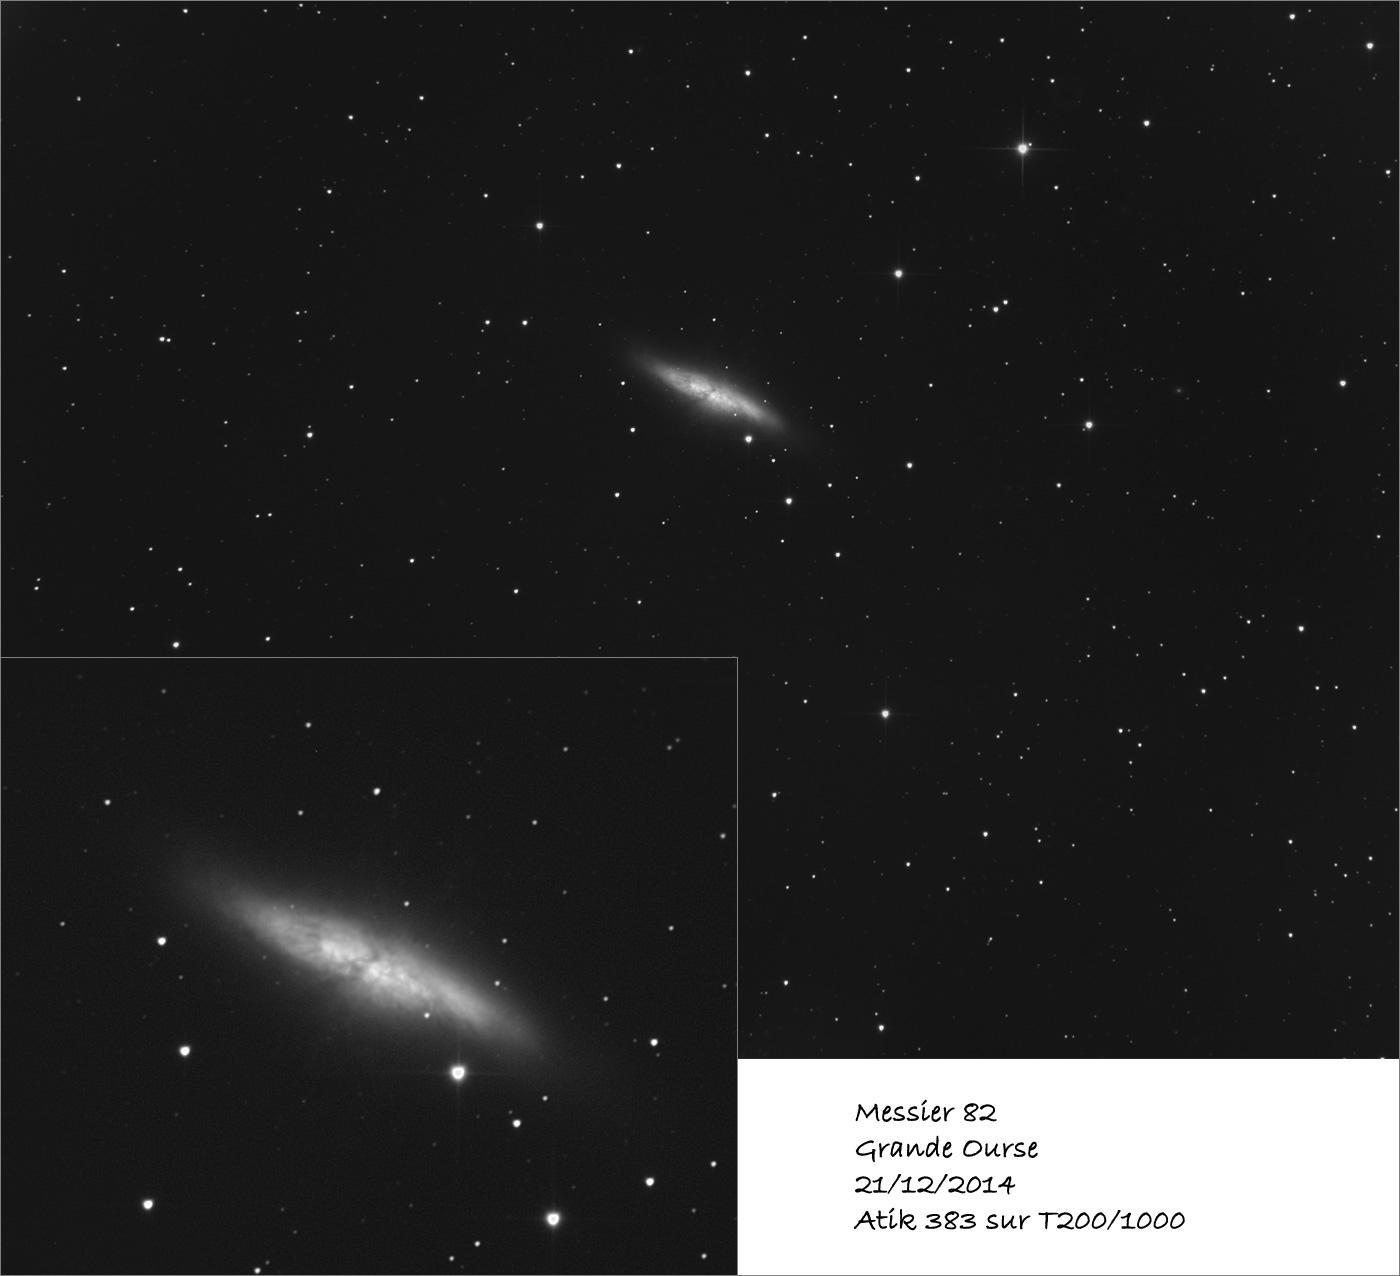 Ciel profond d'hiver M82_21_12_2014_detail